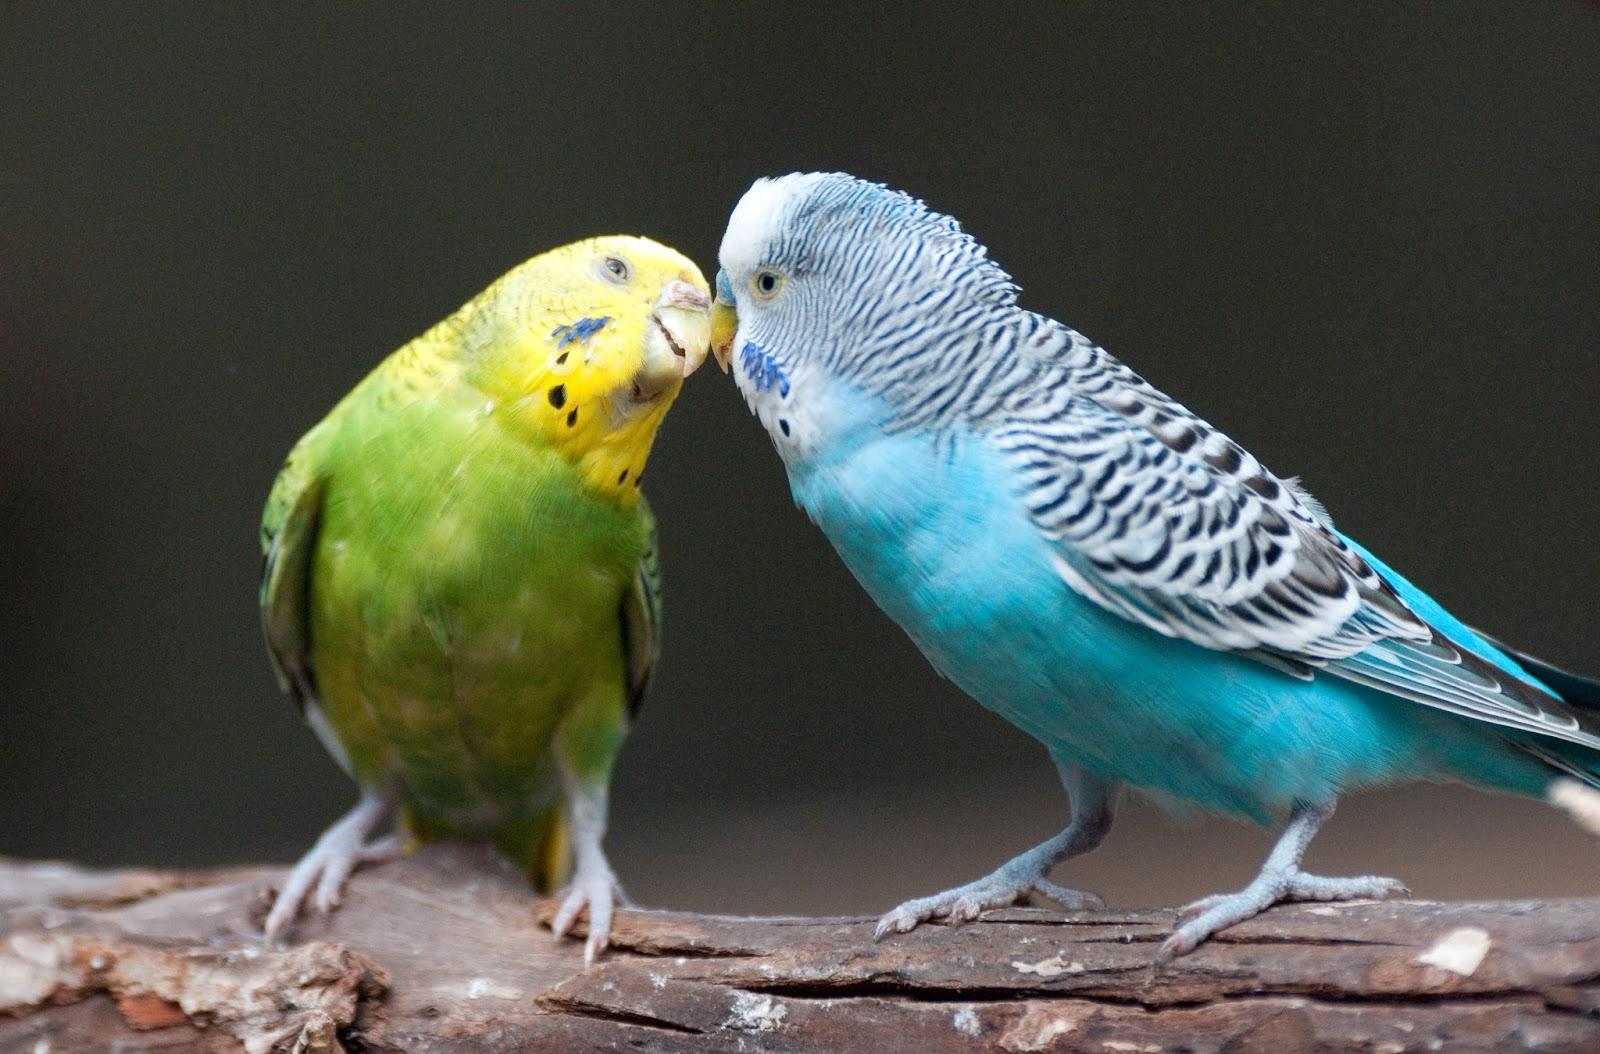 sonhar com passarinho